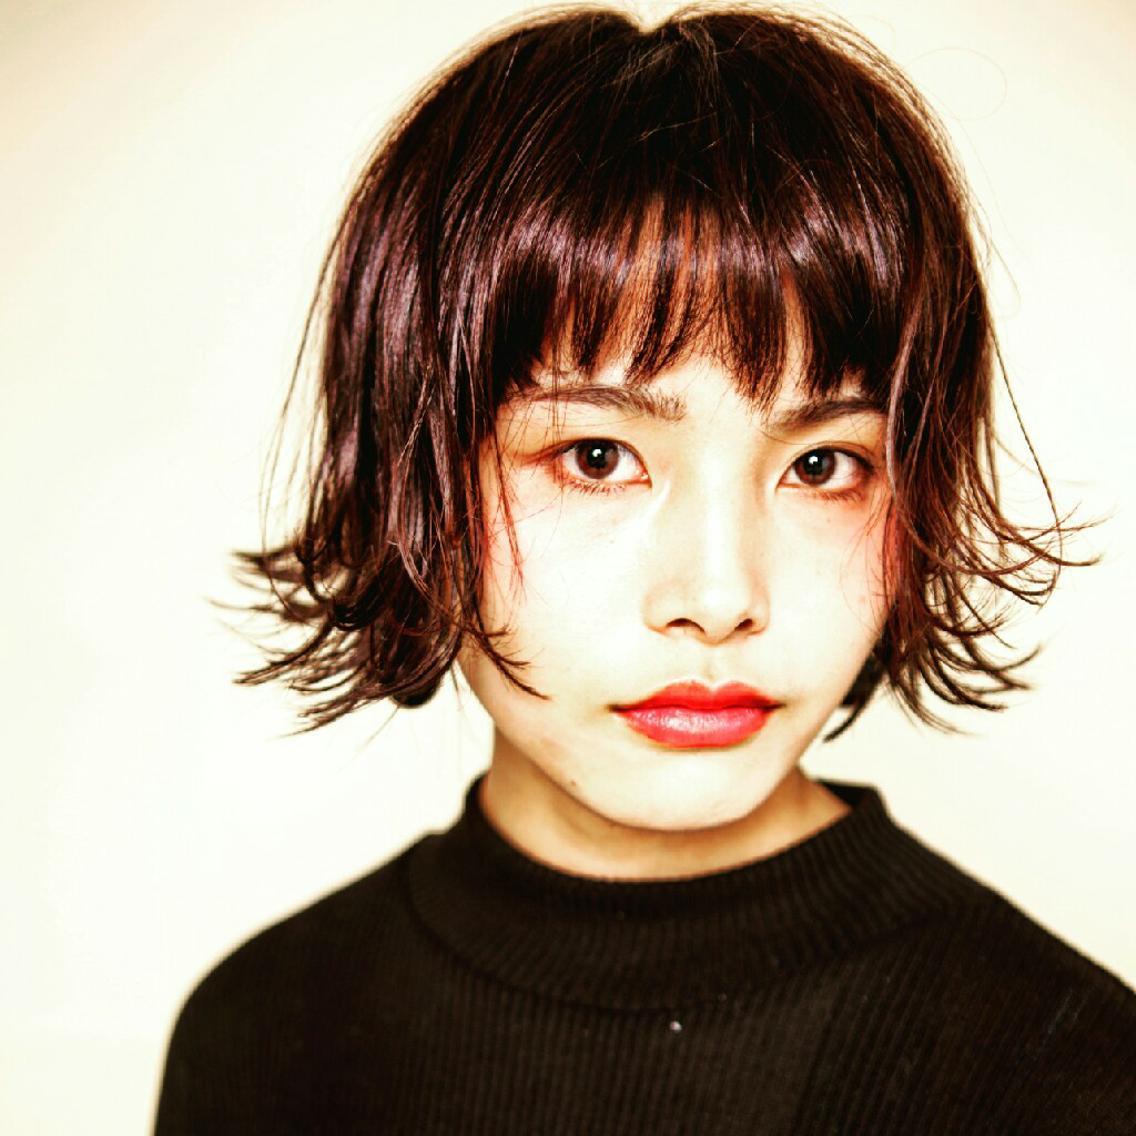 モデル*撮影モデル♪ヘアアレンジ!個室スパ♪大流行インナーカラーや前髪パーマ!など